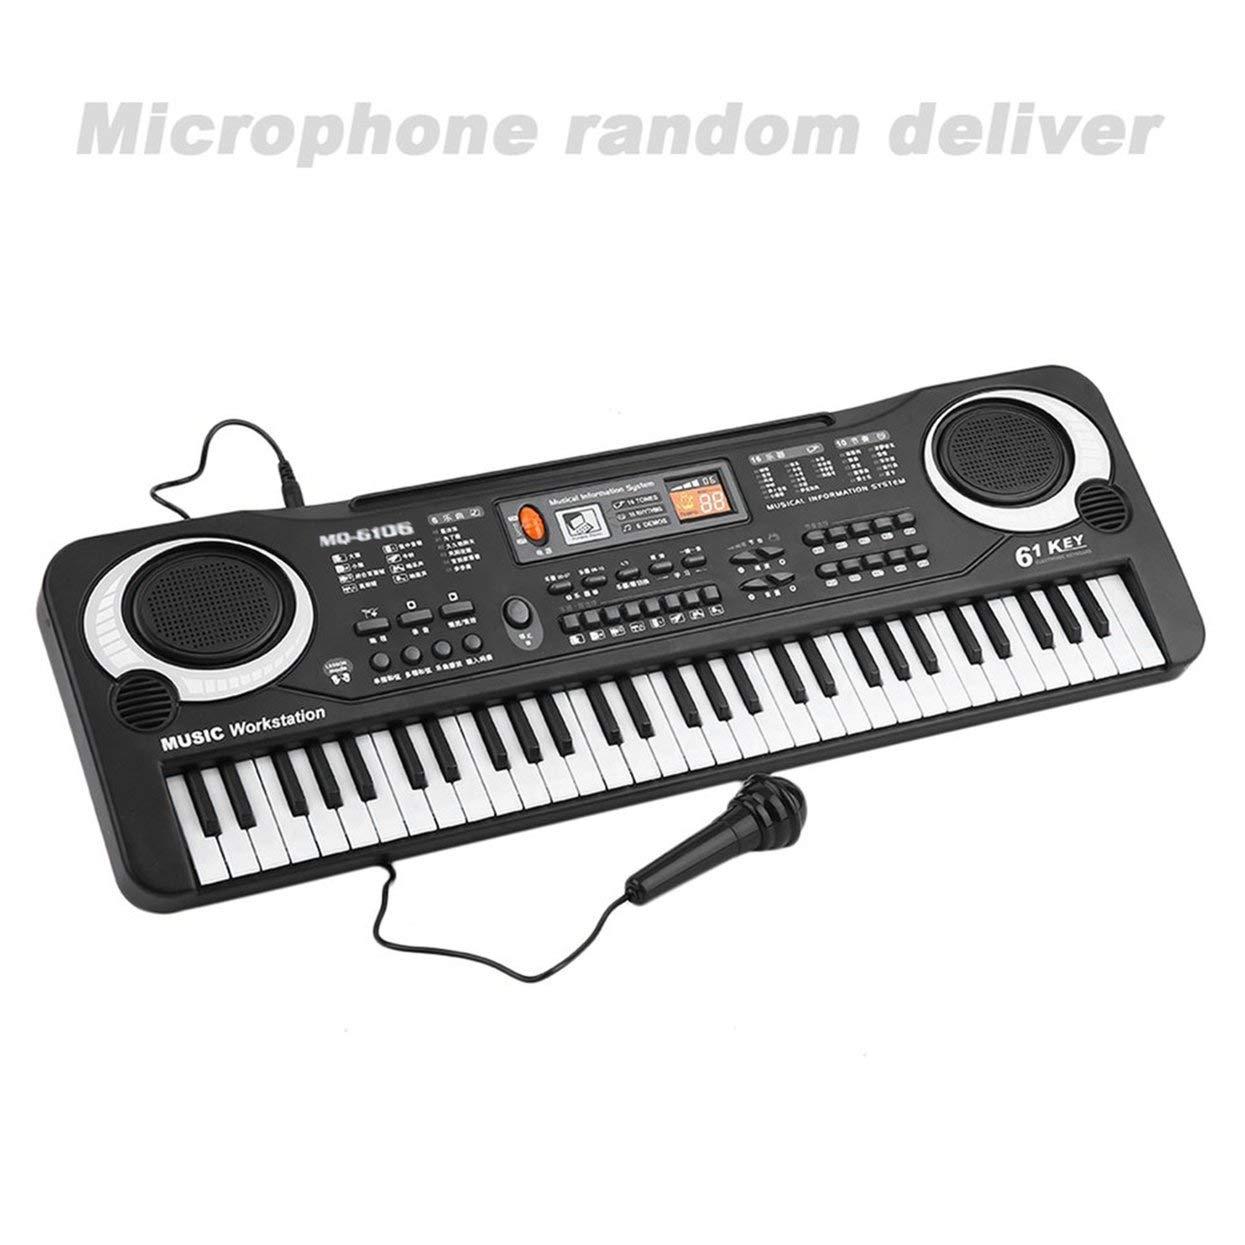 LoveOlvidoE 61 Teclas Música Electrónica Teclado Digital Órgano Eléctrico Niños Grandes Regalos con Instrumento Musical de Micrófono Aleatorio LoveOlvidoD